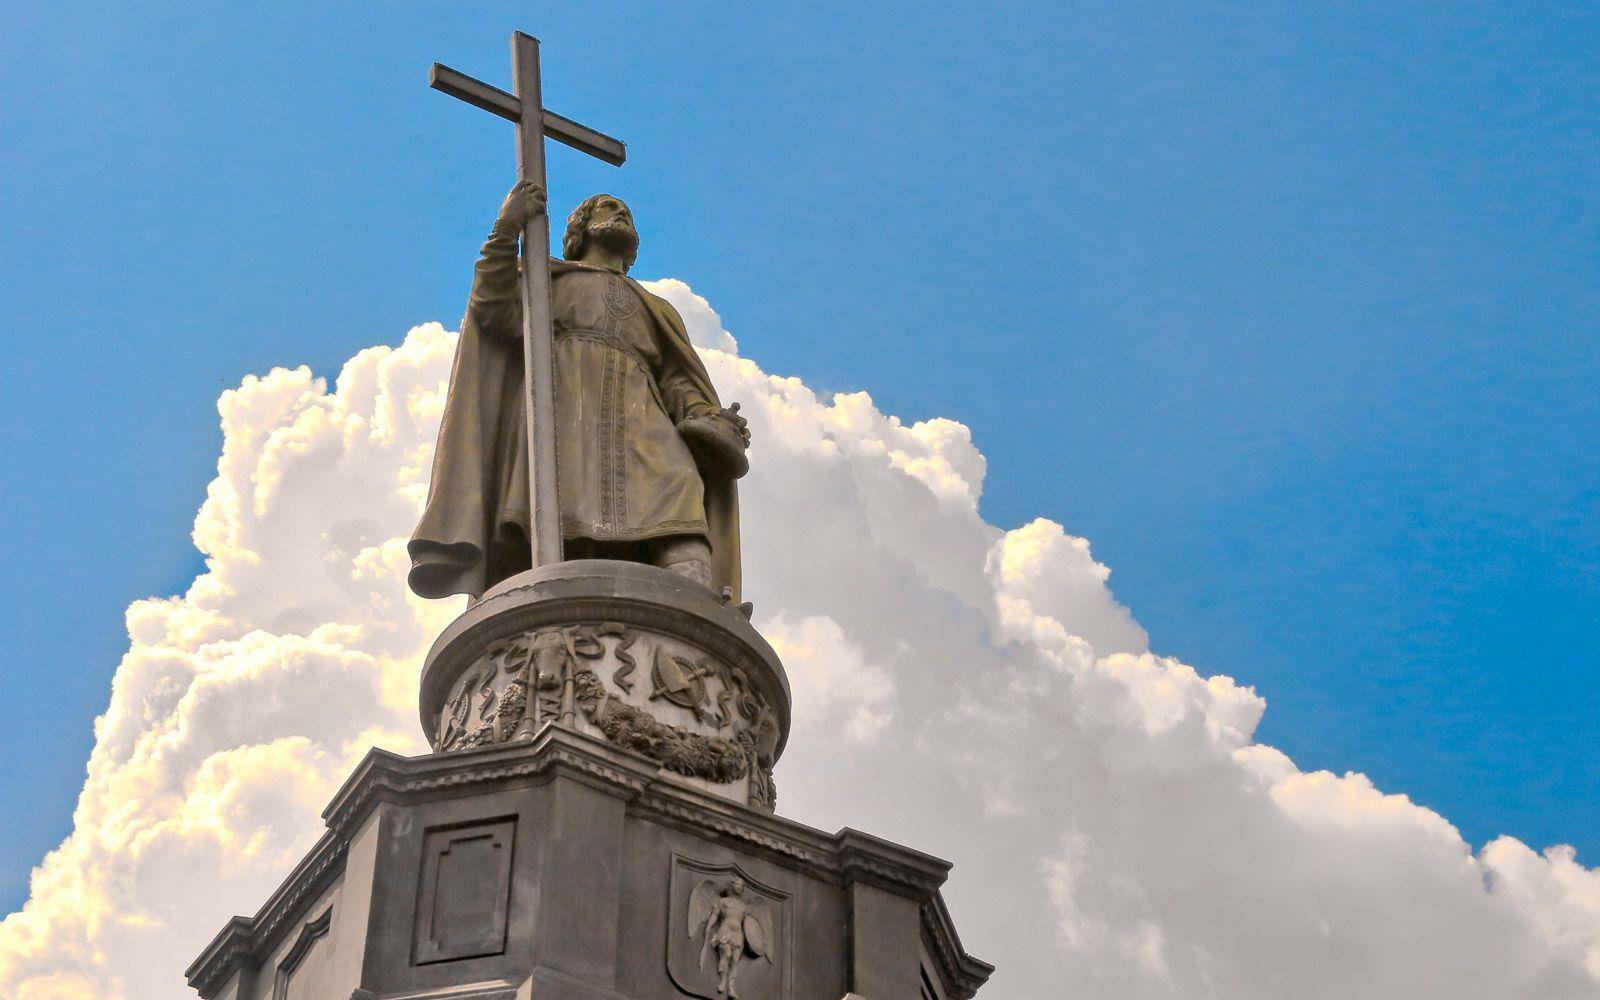 ВКиеве начался сбор подписей вподдержку демонтажа монумента правителю Владимиру